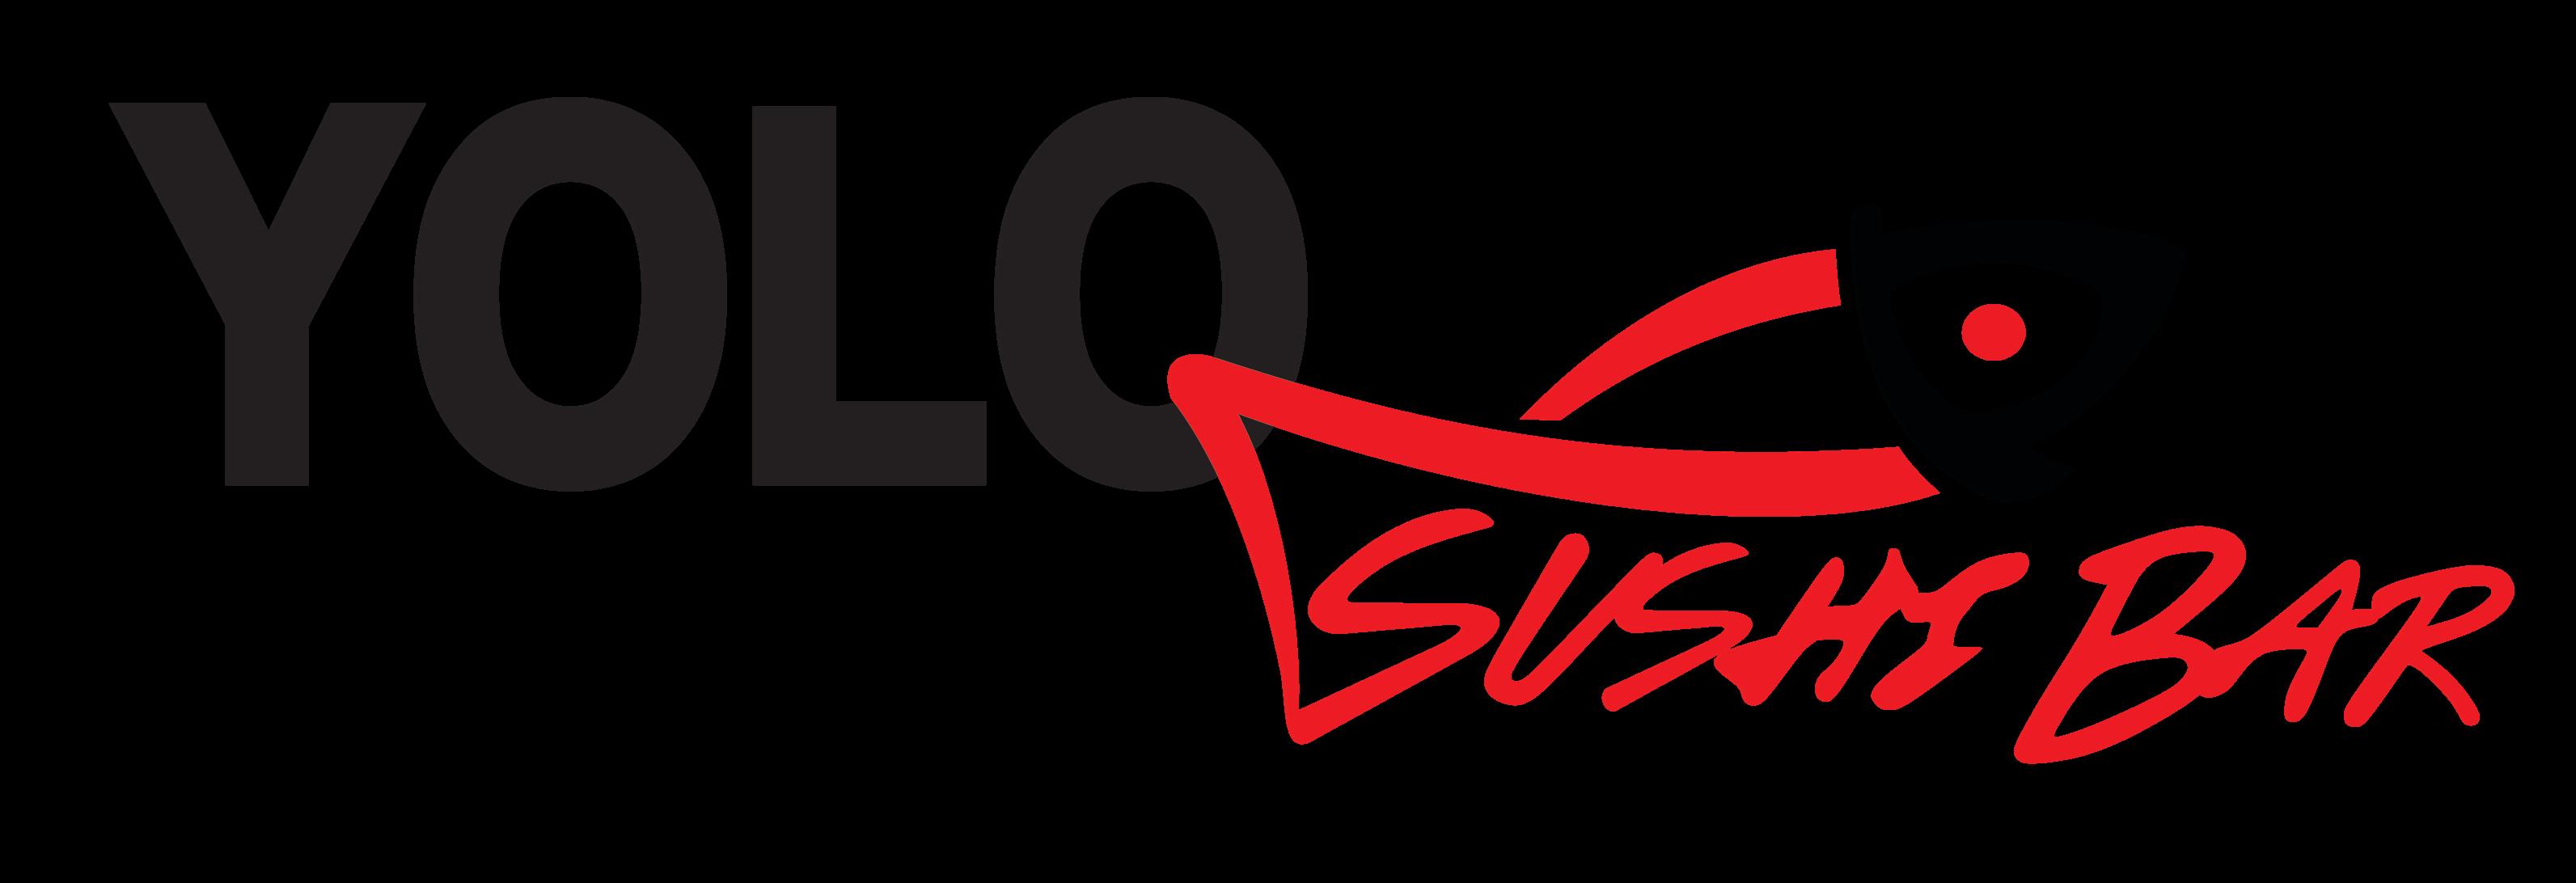 YOLO Sushi Bar